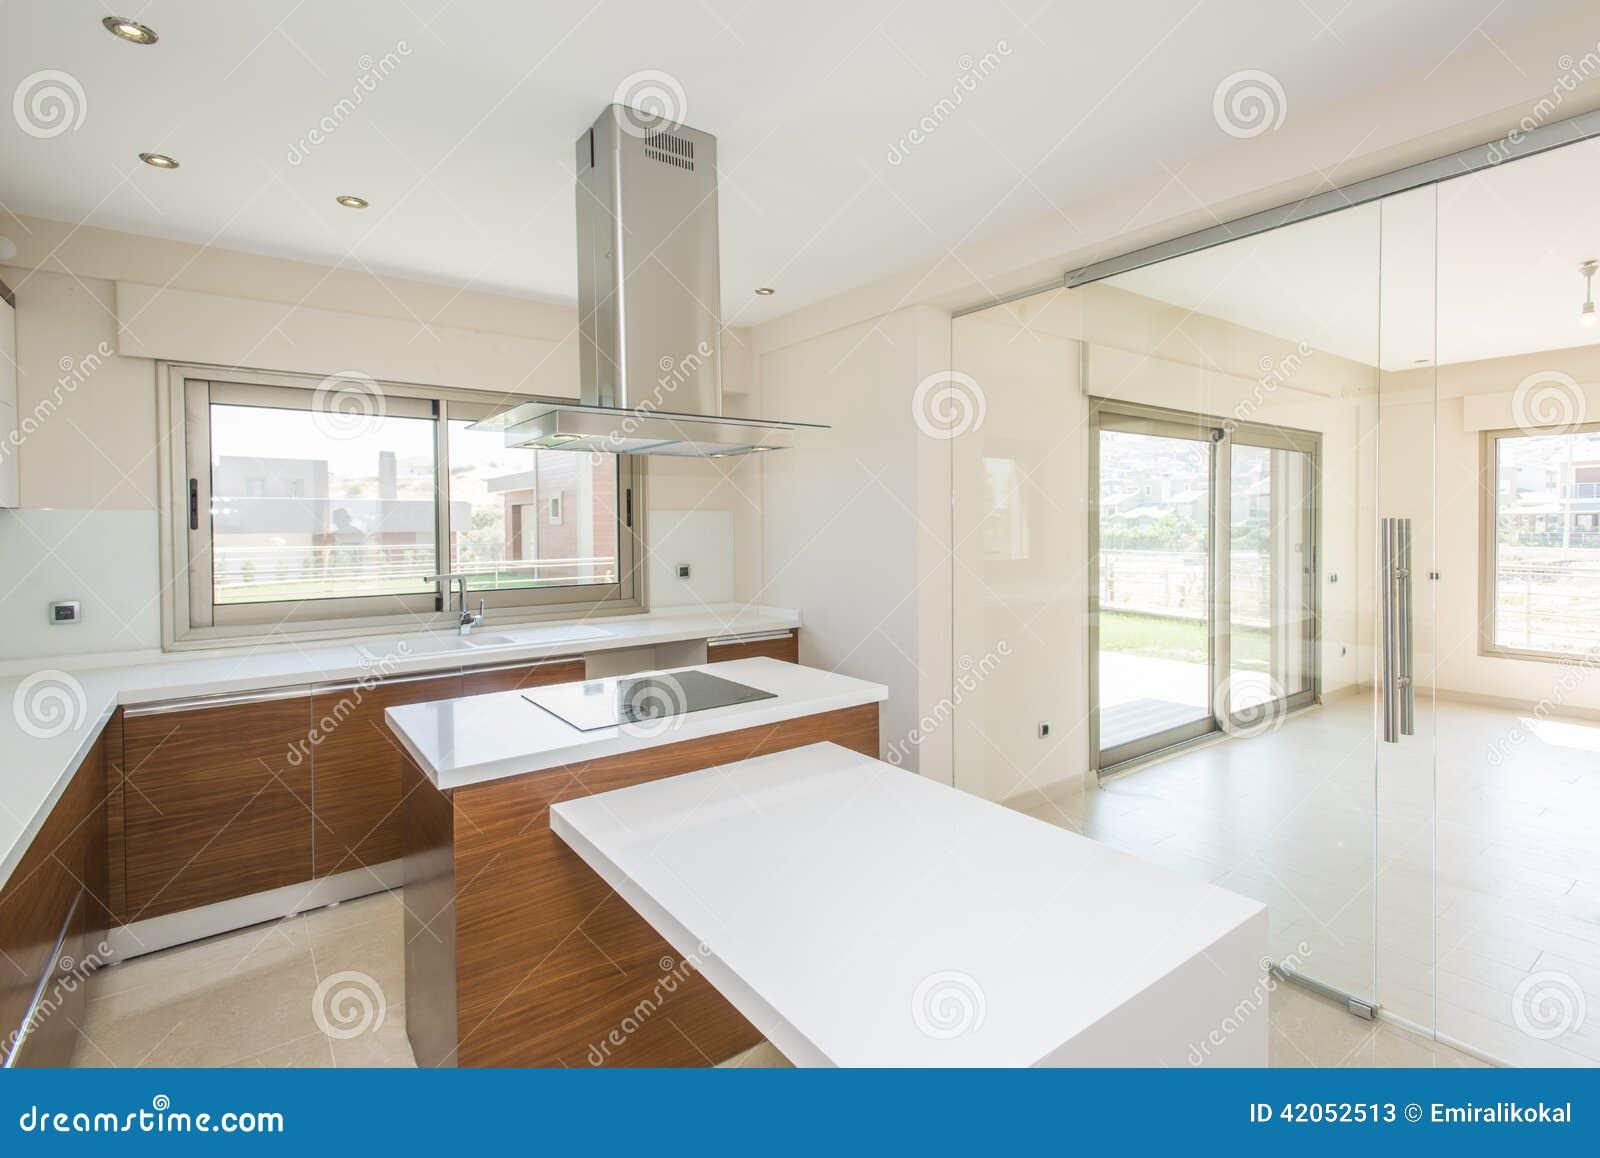 Modernt ljust kök arkivfoto   bild: 42052513